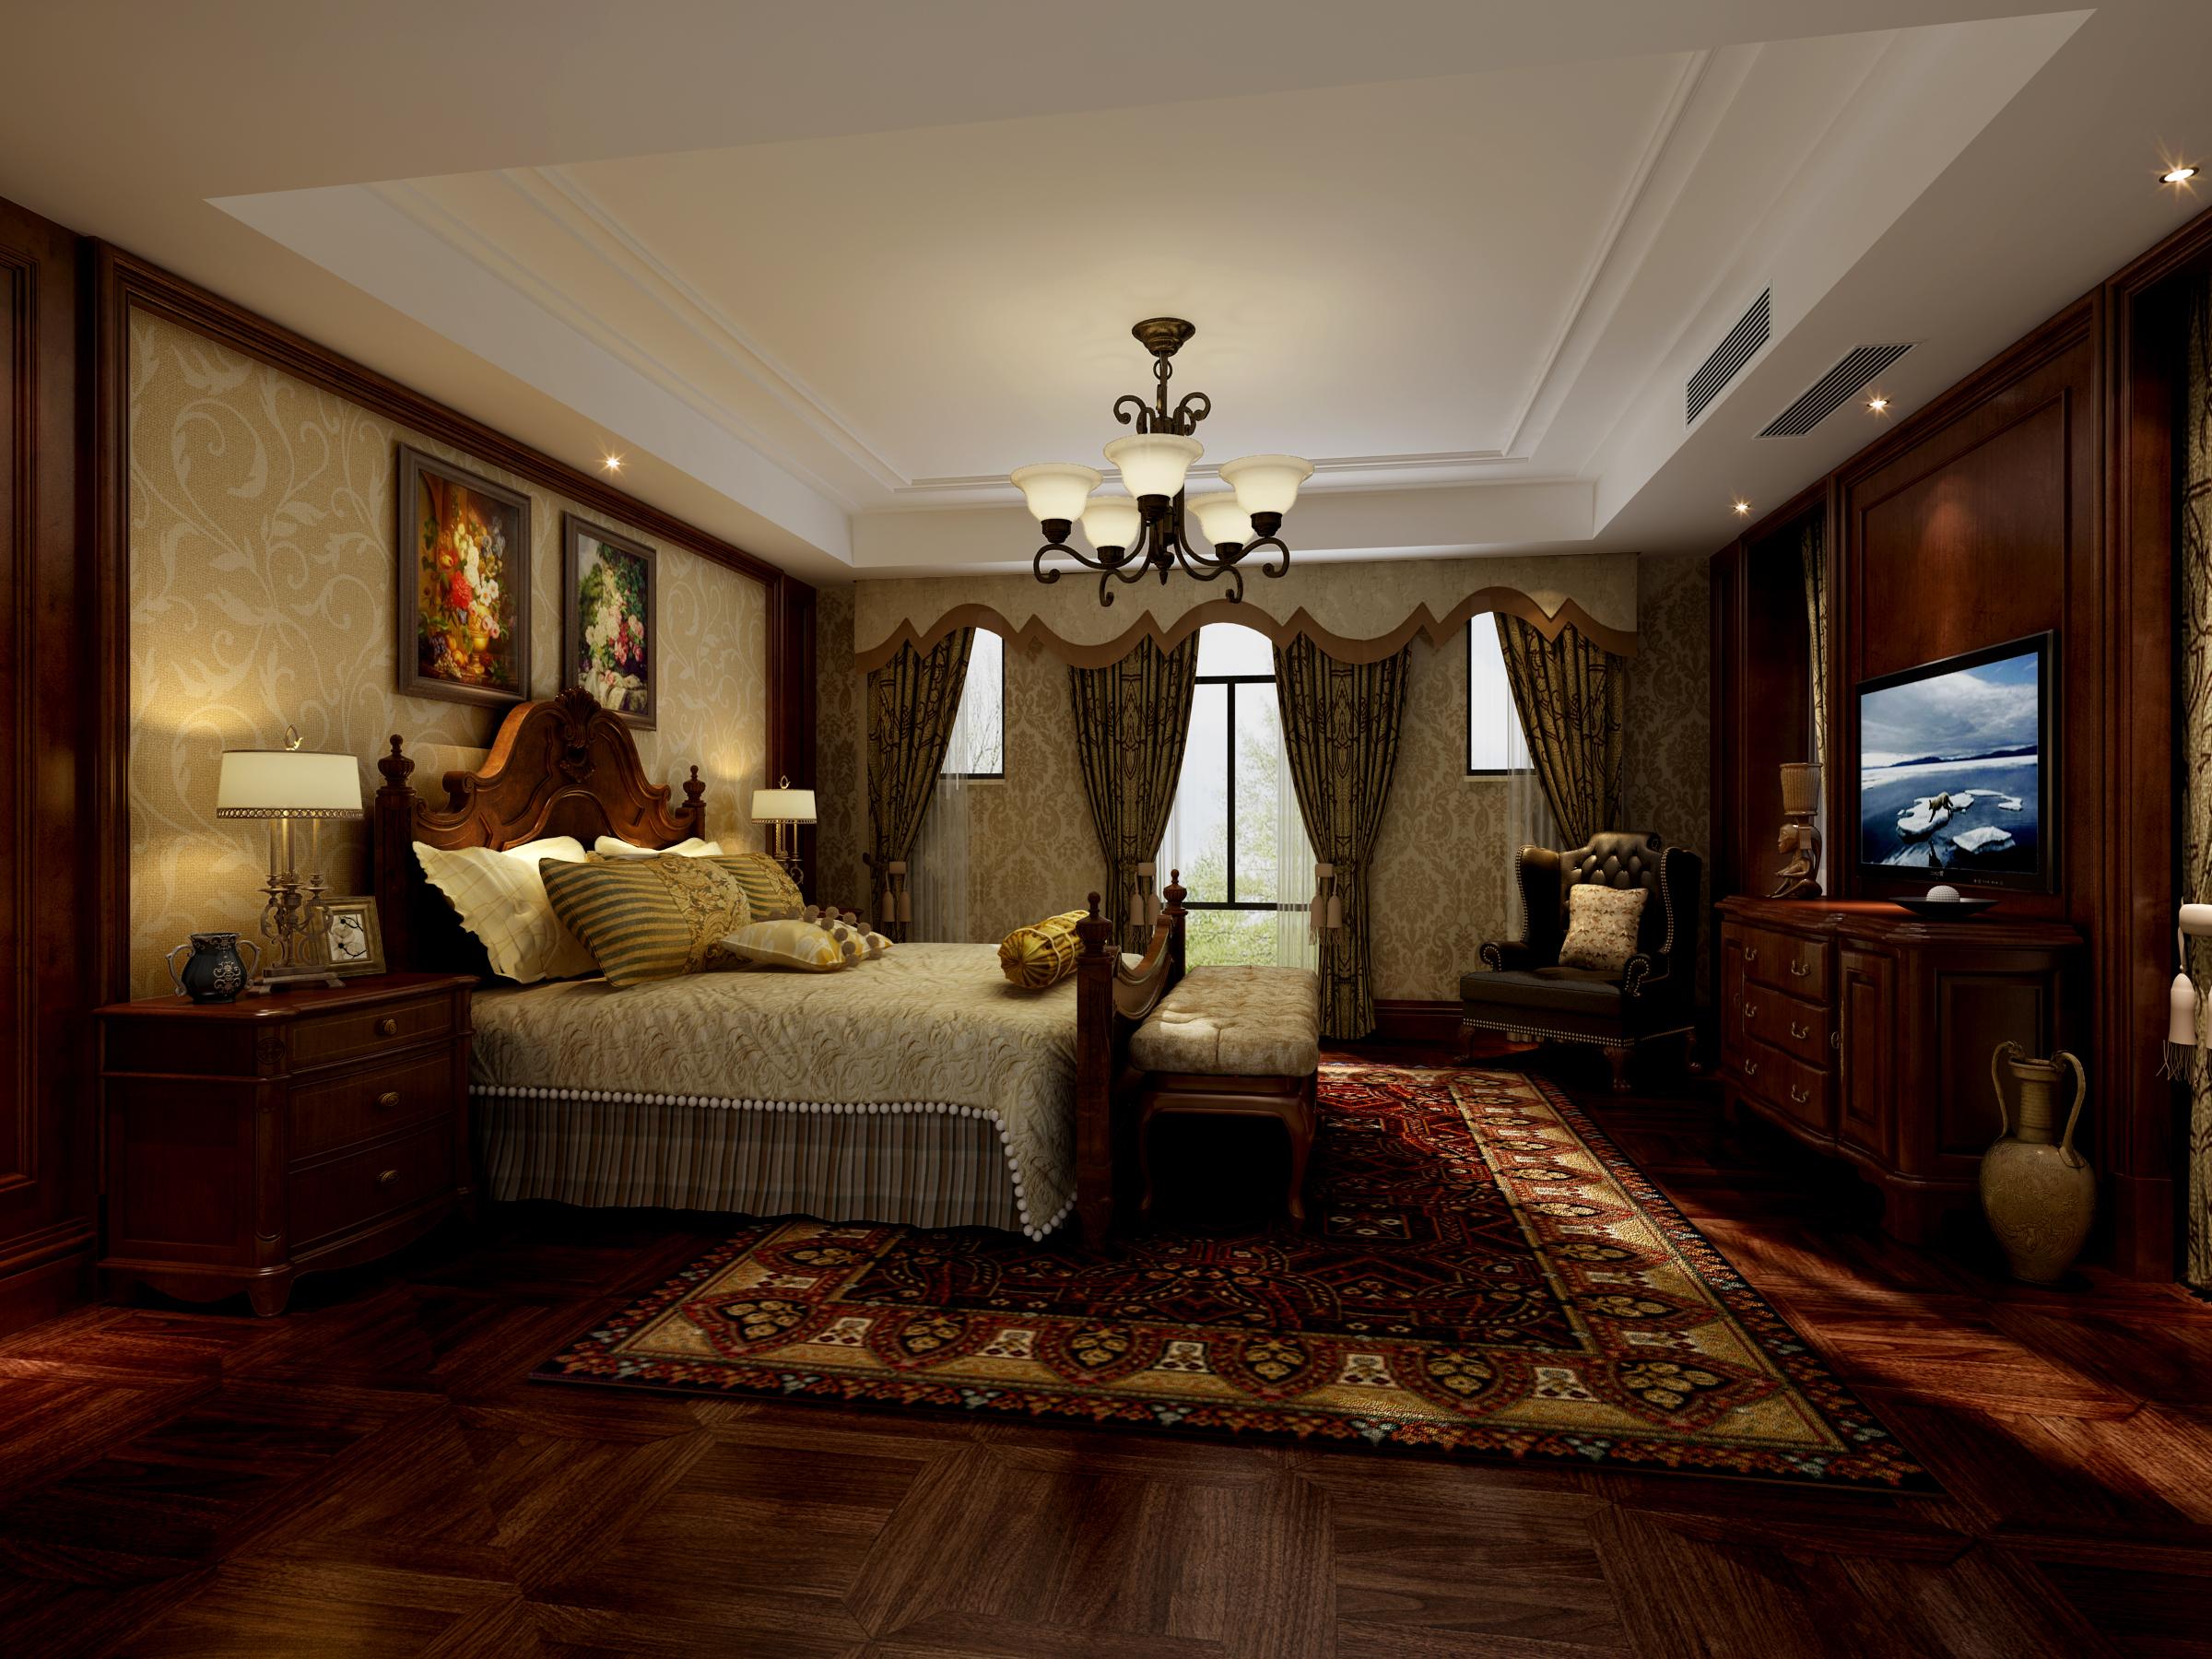 南郊中华园 别墅装修 别墅设计 欧式风格 腾龙设计 孔继民作品 卧室图片来自腾龙设计在南郊中华园别墅简约欧式风格的分享